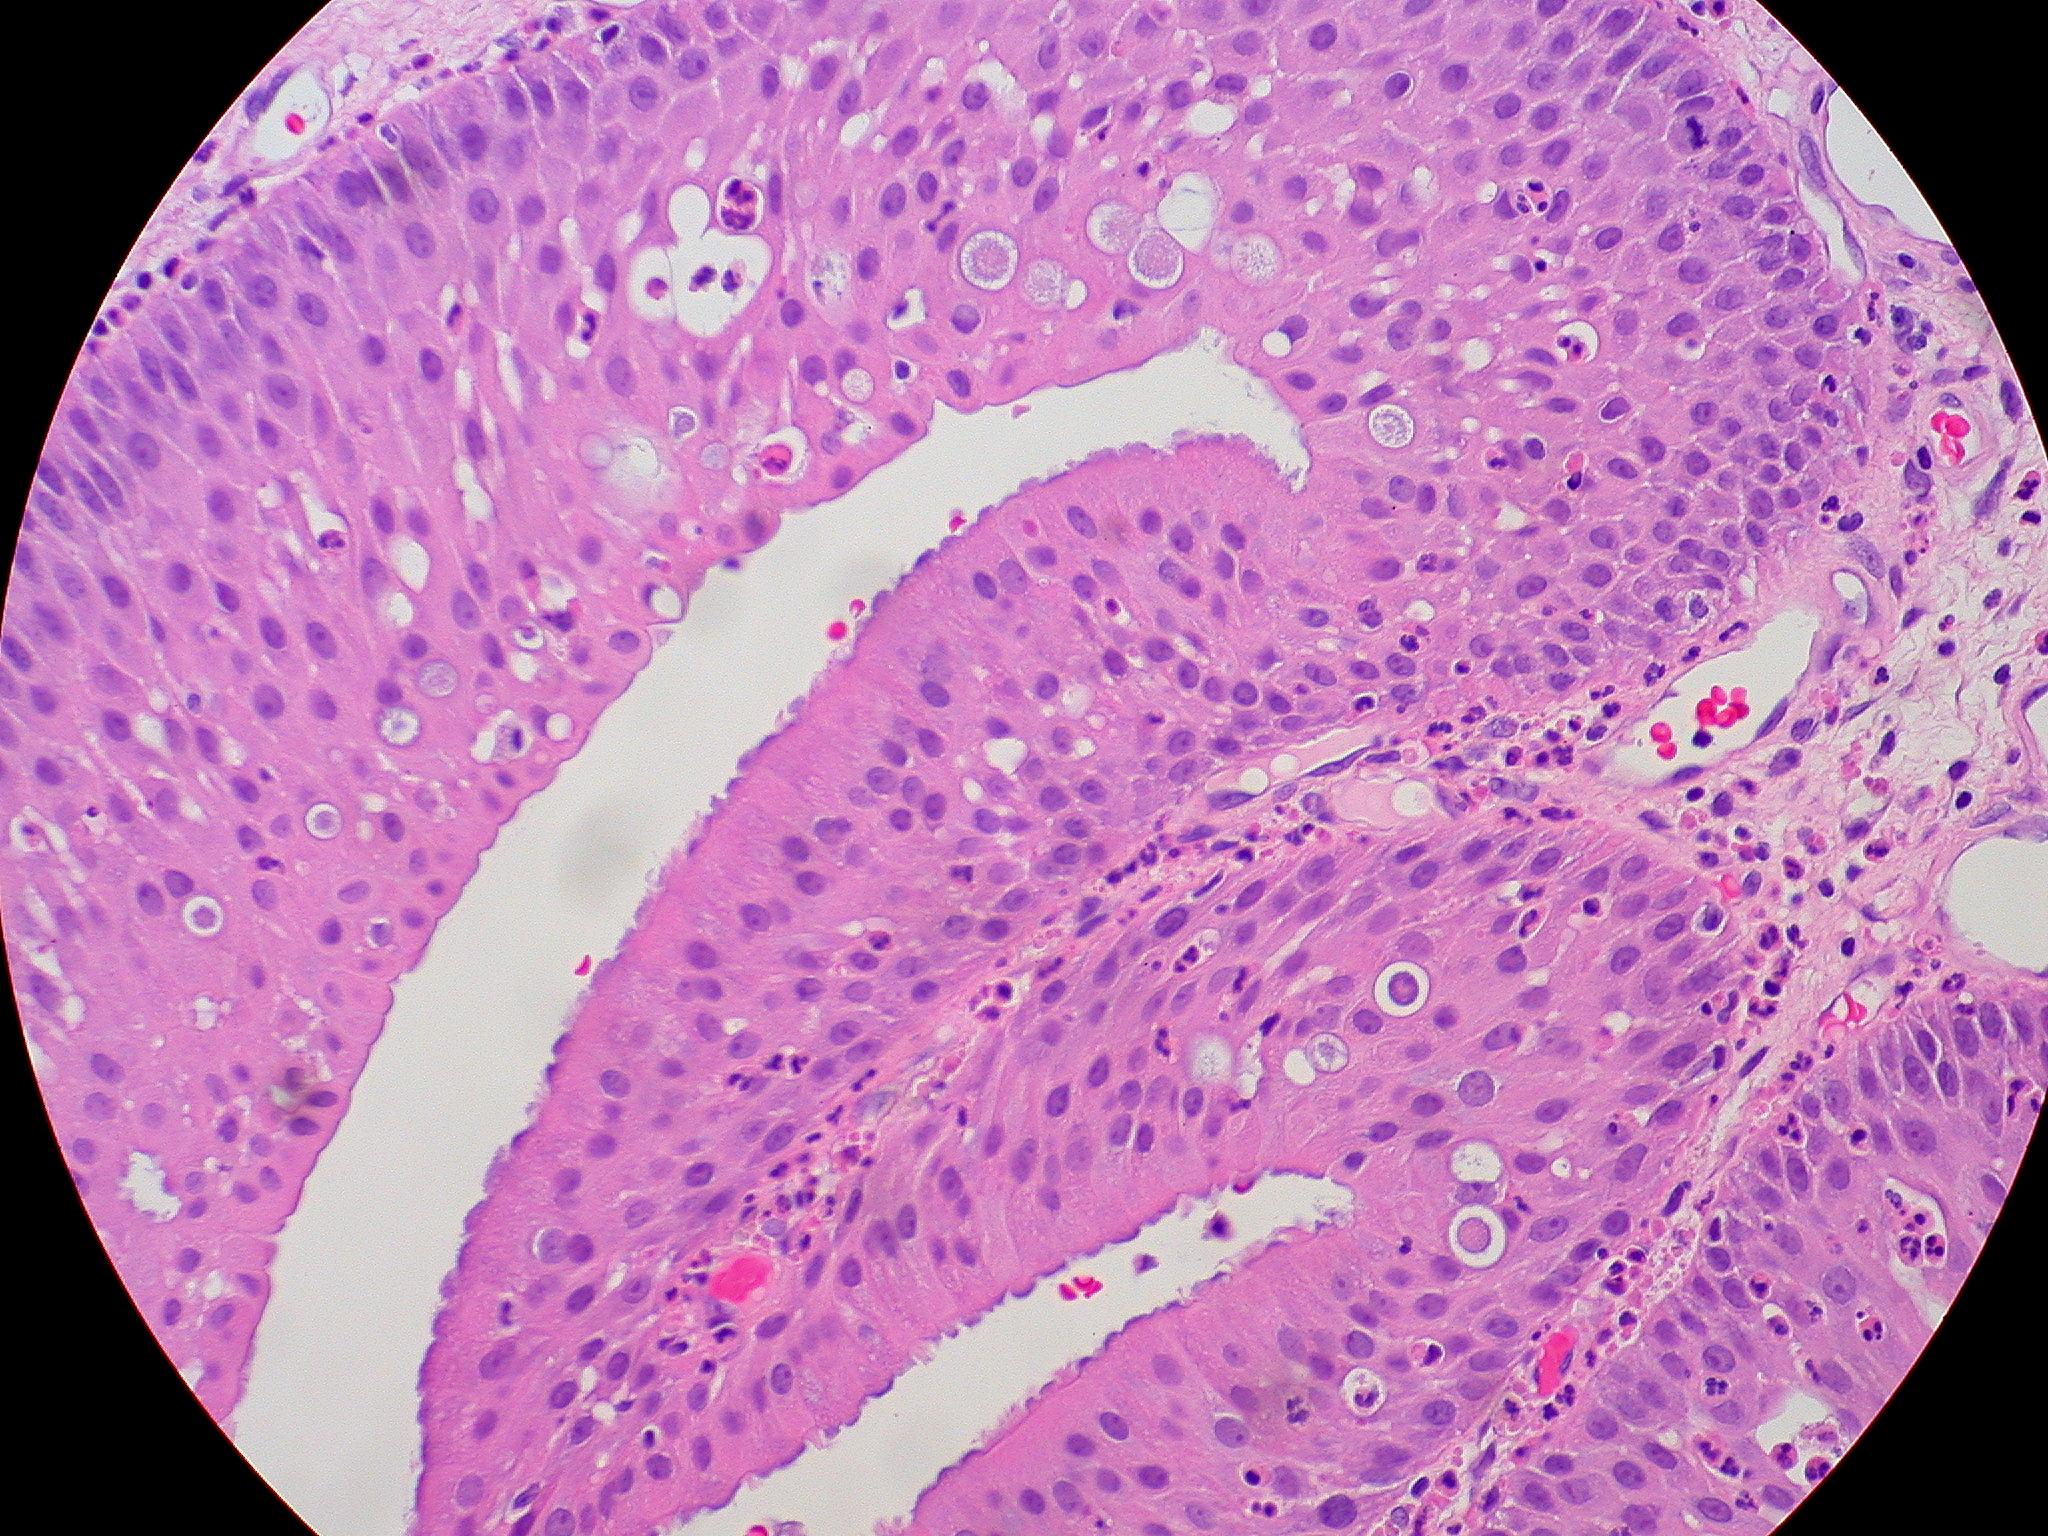 oncocitikus papilloma